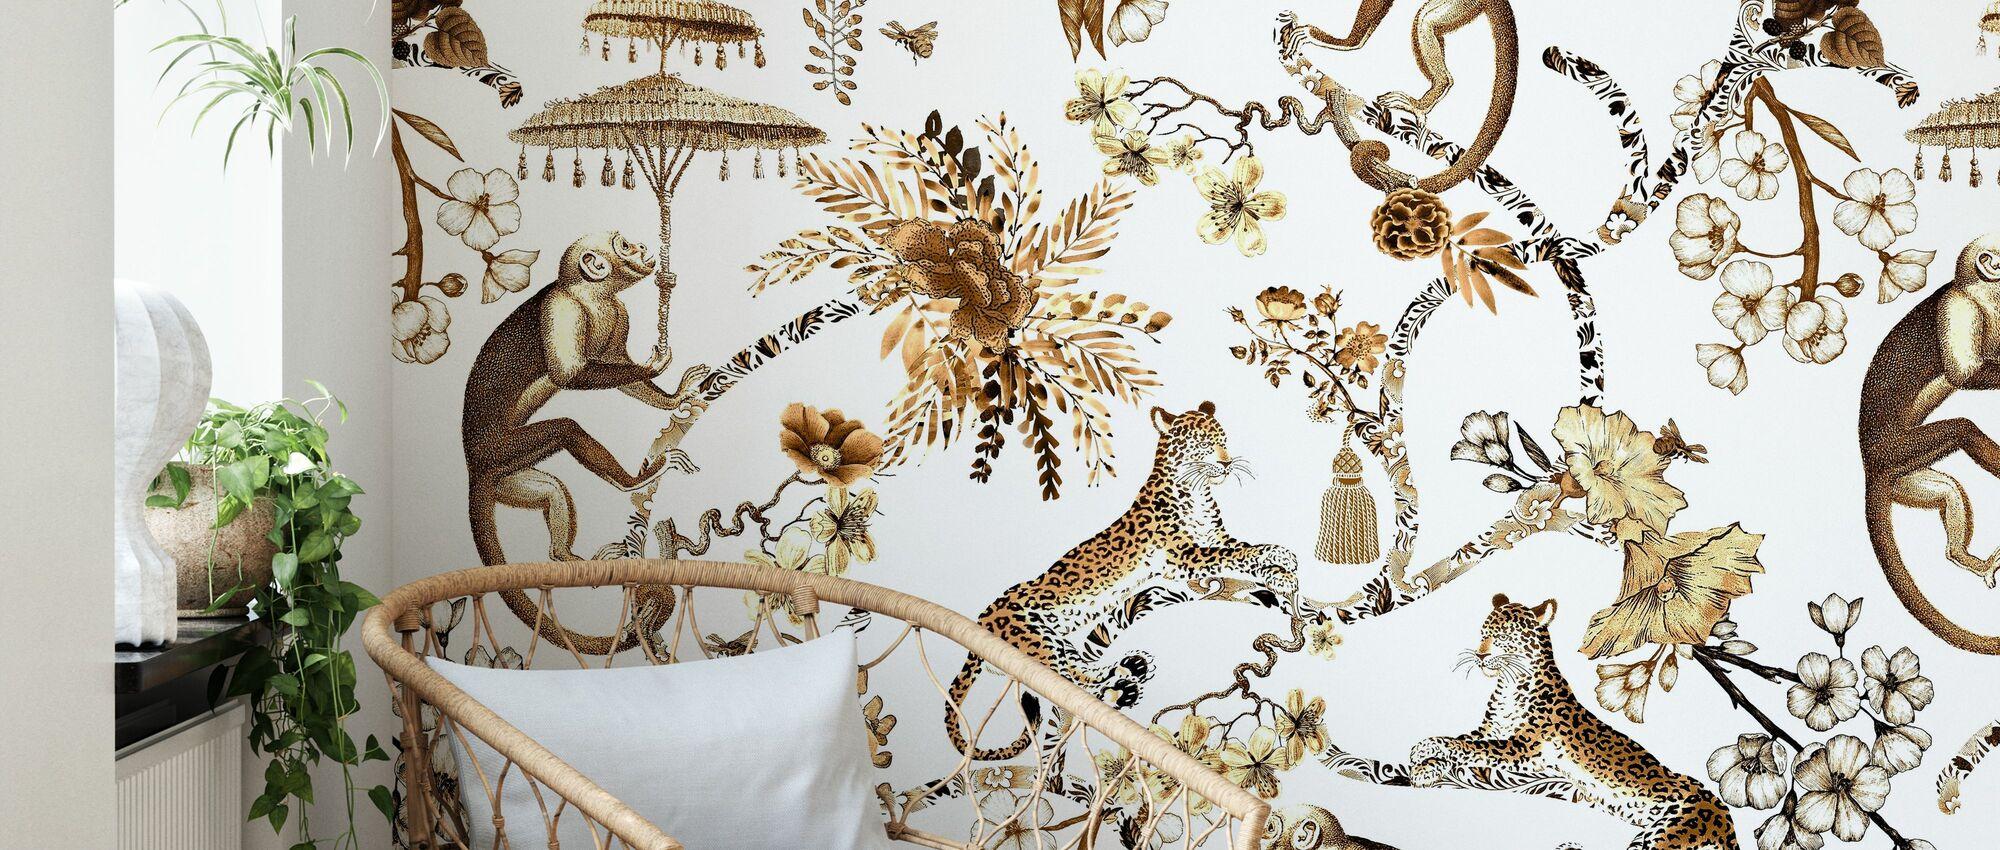 Whimsy Garden Brown Chinoiserie - Wallpaper - Living Room